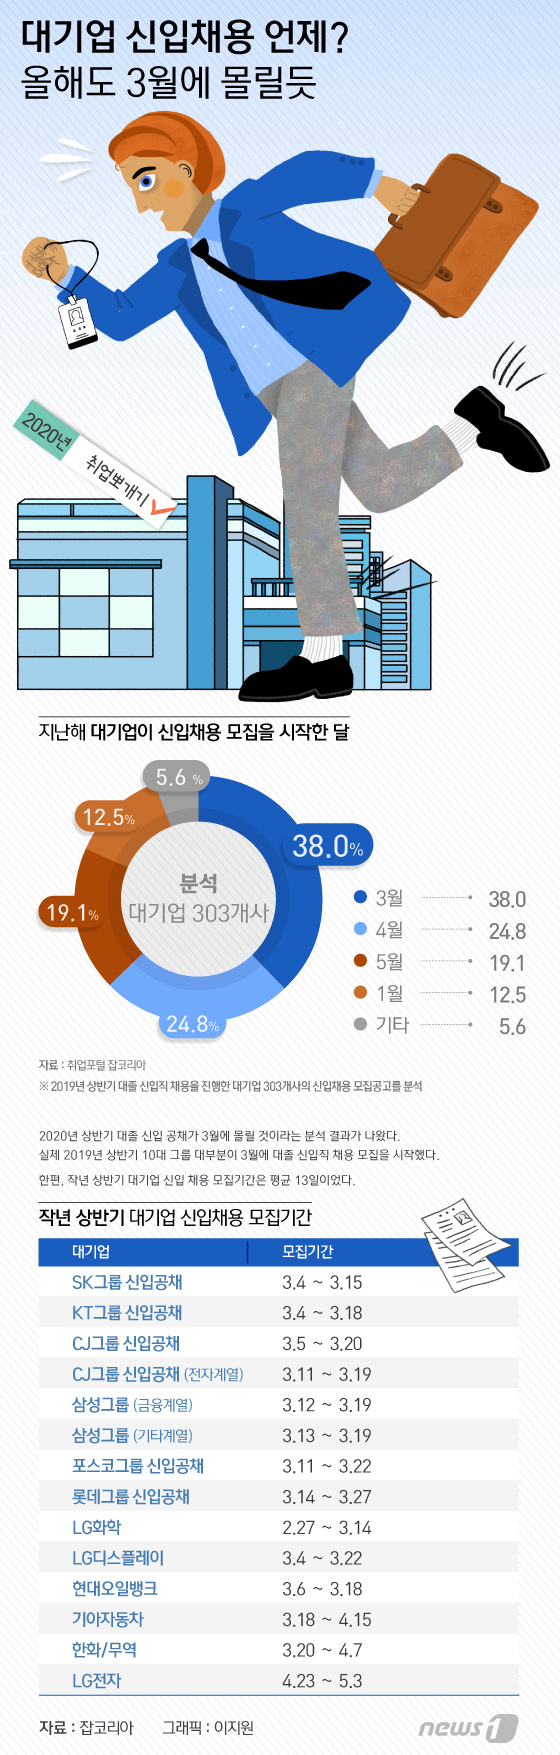 [그래픽뉴스] 대기업 신입채용 언제 올해도 3월에 몰릴듯